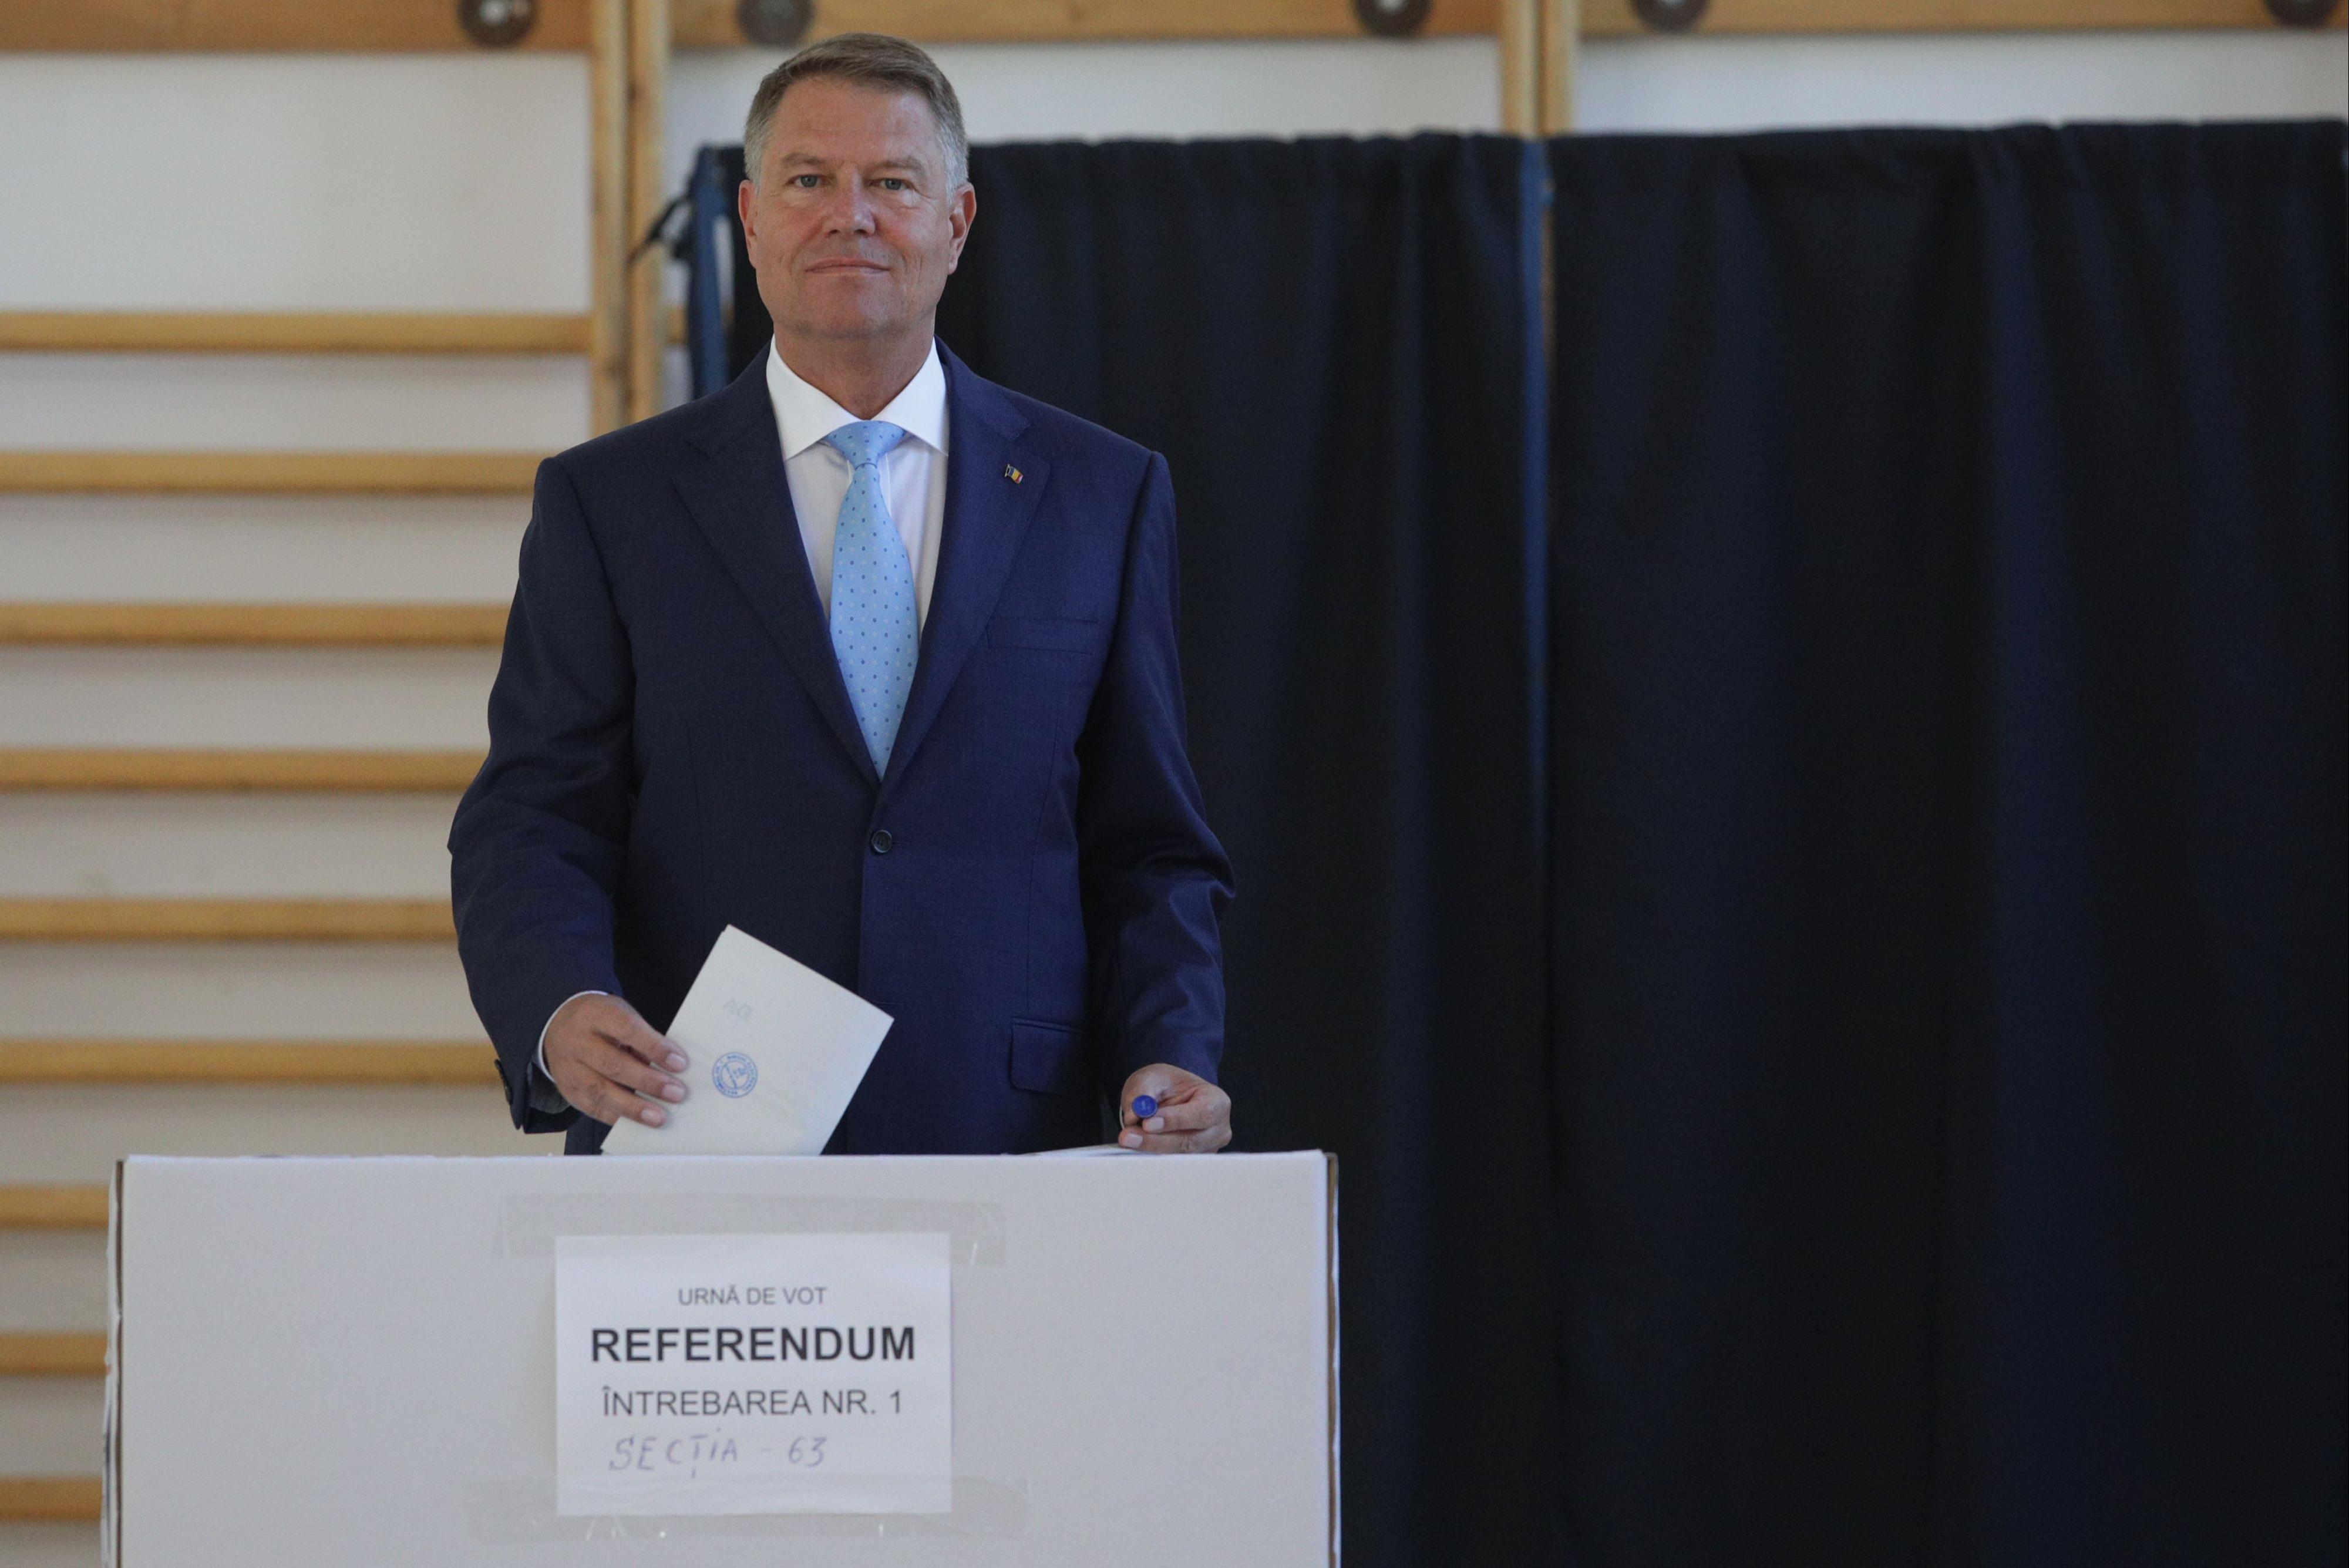 Alegeri europarlamentare 2019. Klaus Iohannis, la vot. ANUNȚ de ultimă oră, după ce a votat / Foto: Inquam Photos / Octav Ganea